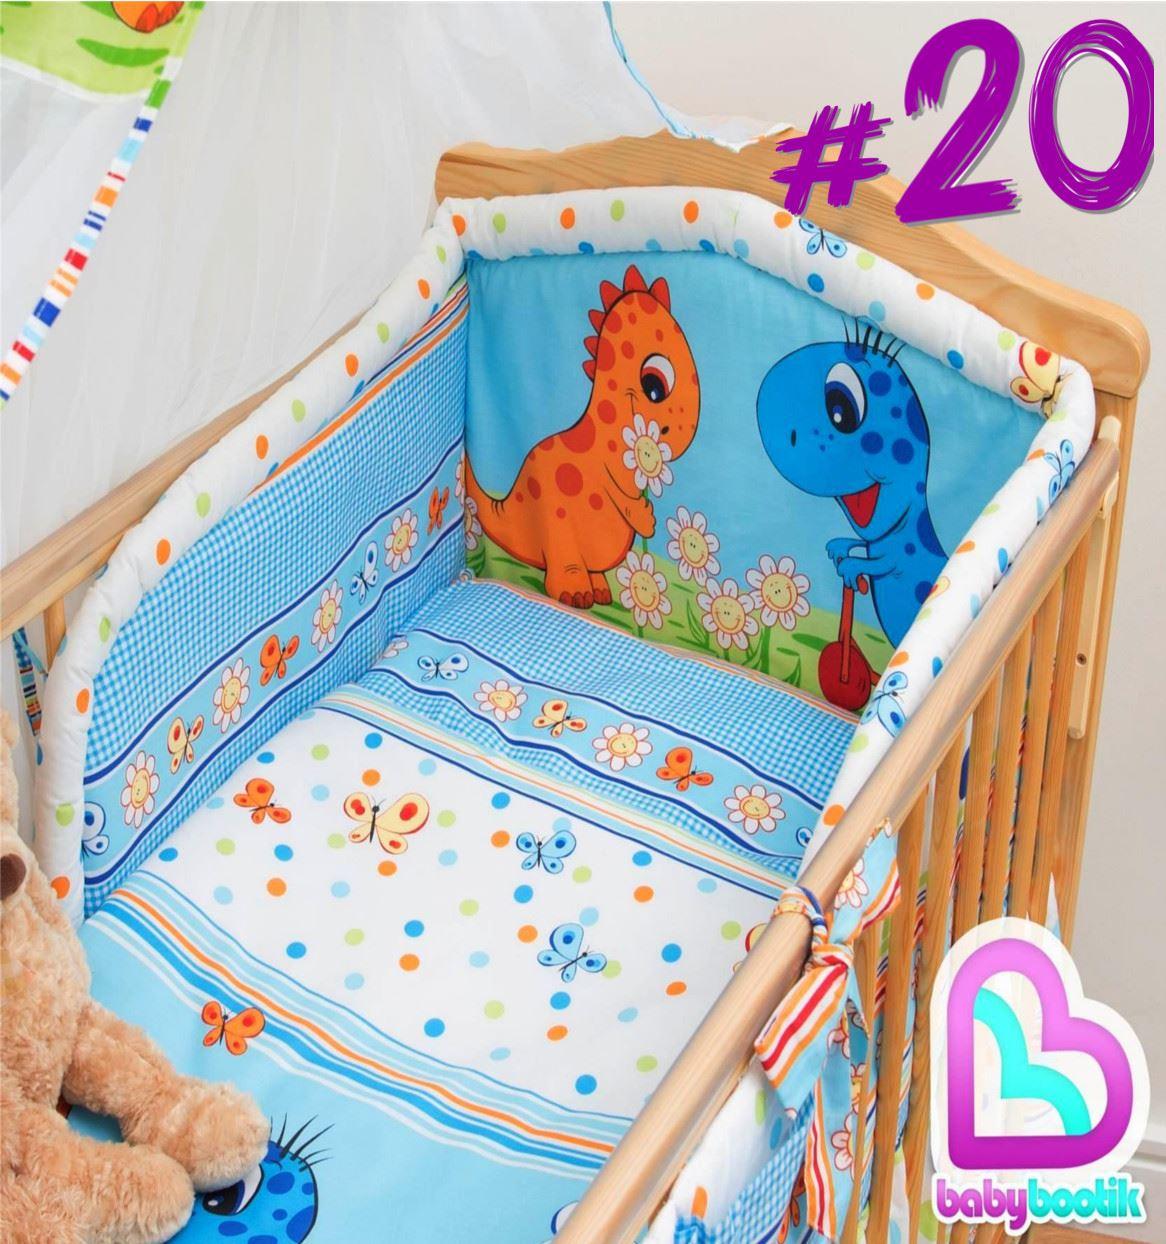 3 stk st ck kinderzimmer baby bettw sche bettw sche set gepolsteter safety ebay. Black Bedroom Furniture Sets. Home Design Ideas